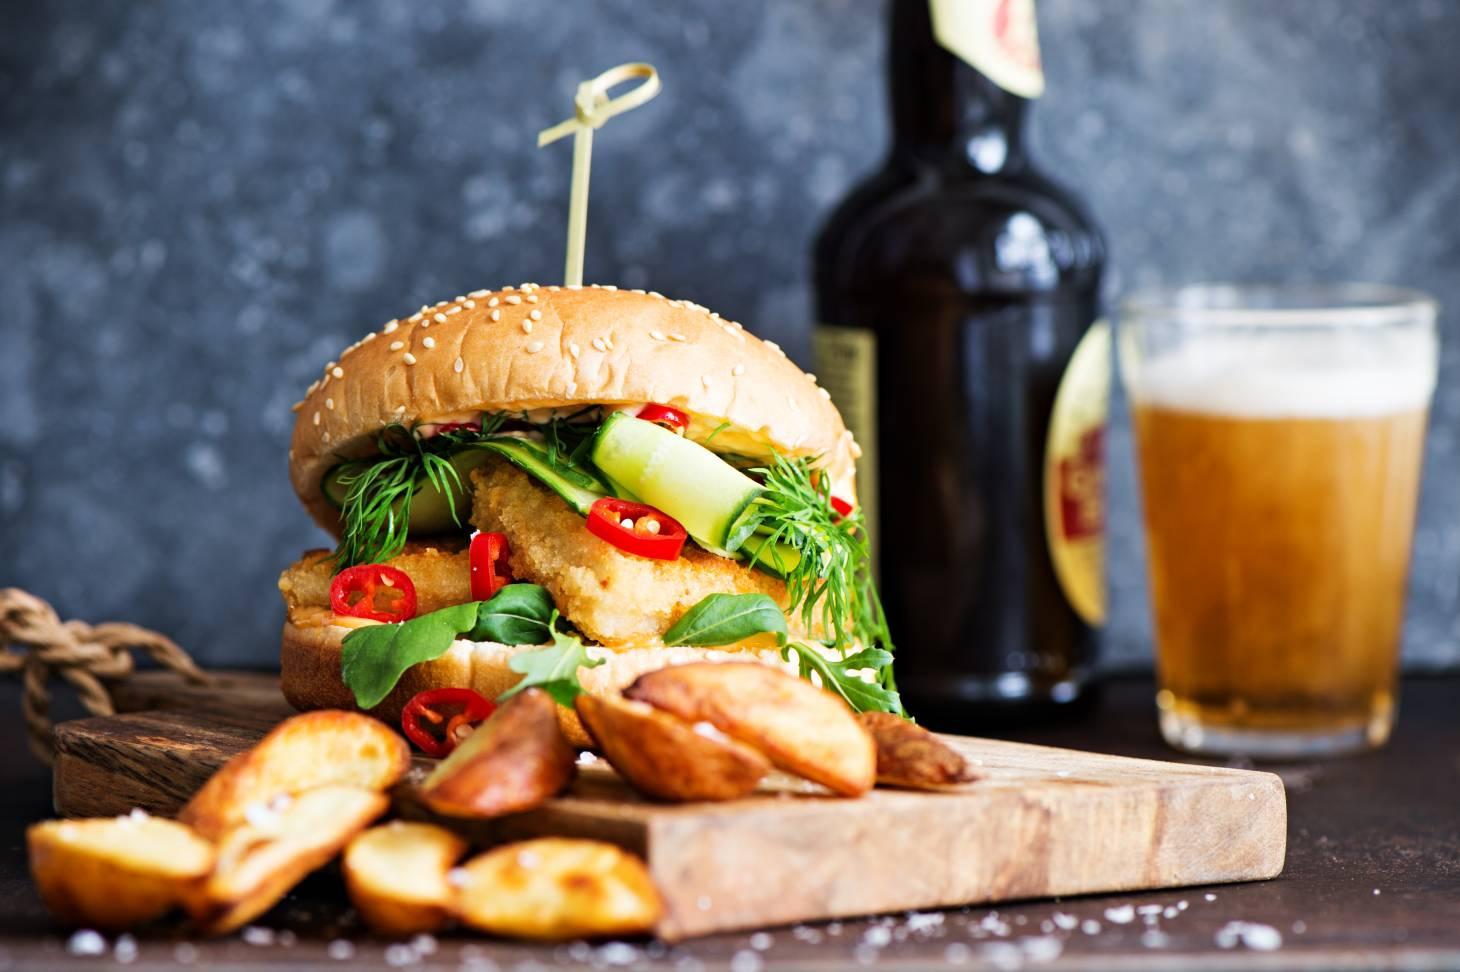 Tulinen tyrmäysburgeri - Juhannuksen grillimenu - Vaasan